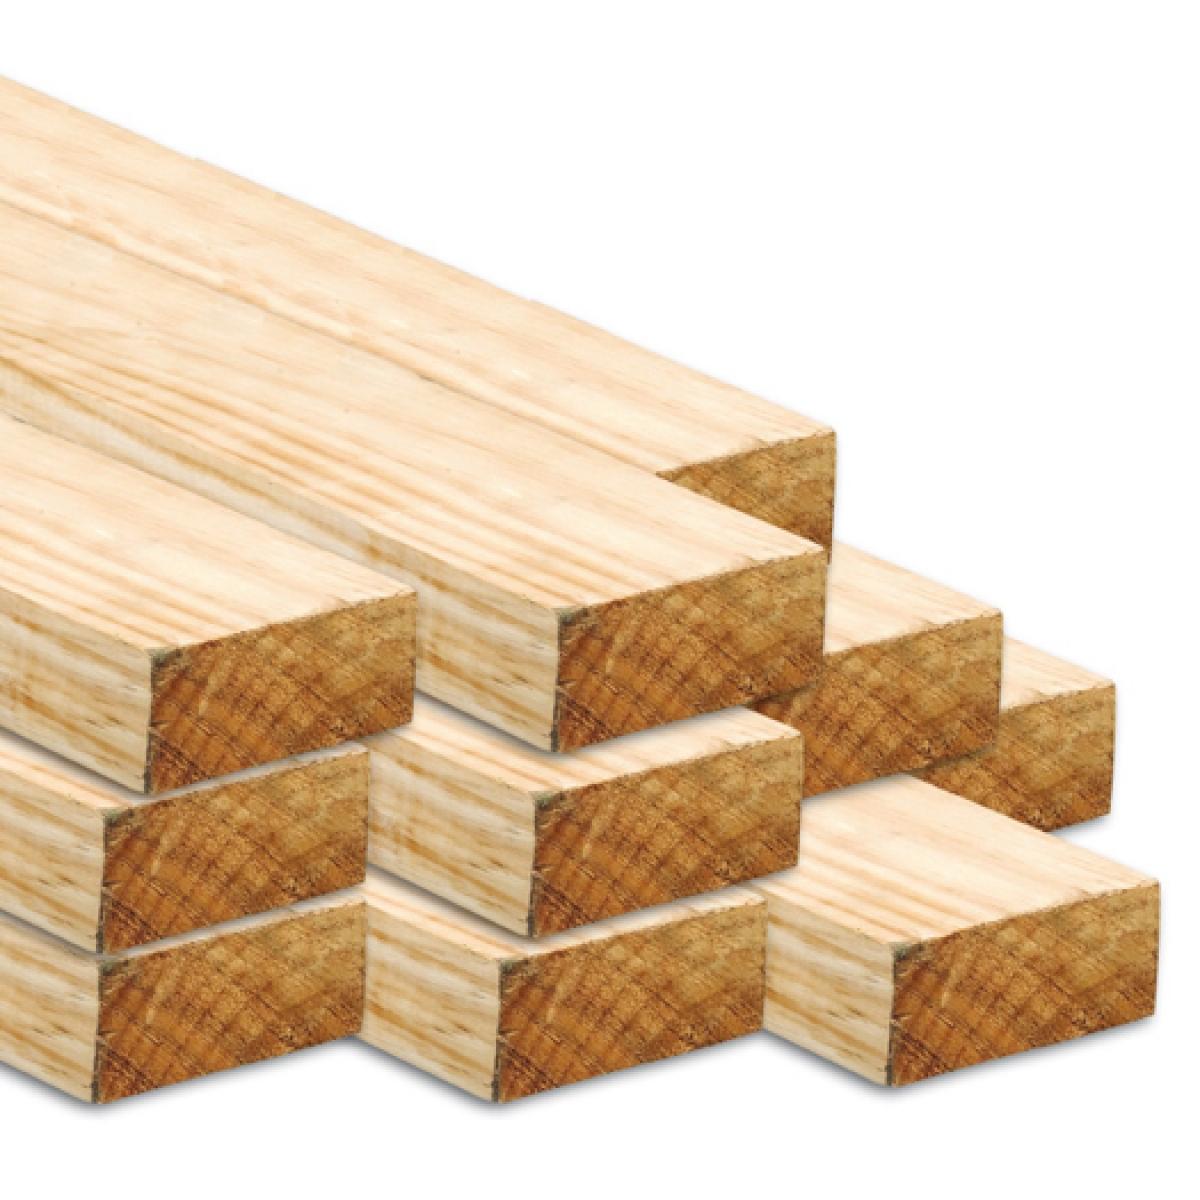 Producto listones tablas y tirantes de pino corralon - Precio listones de madera ...